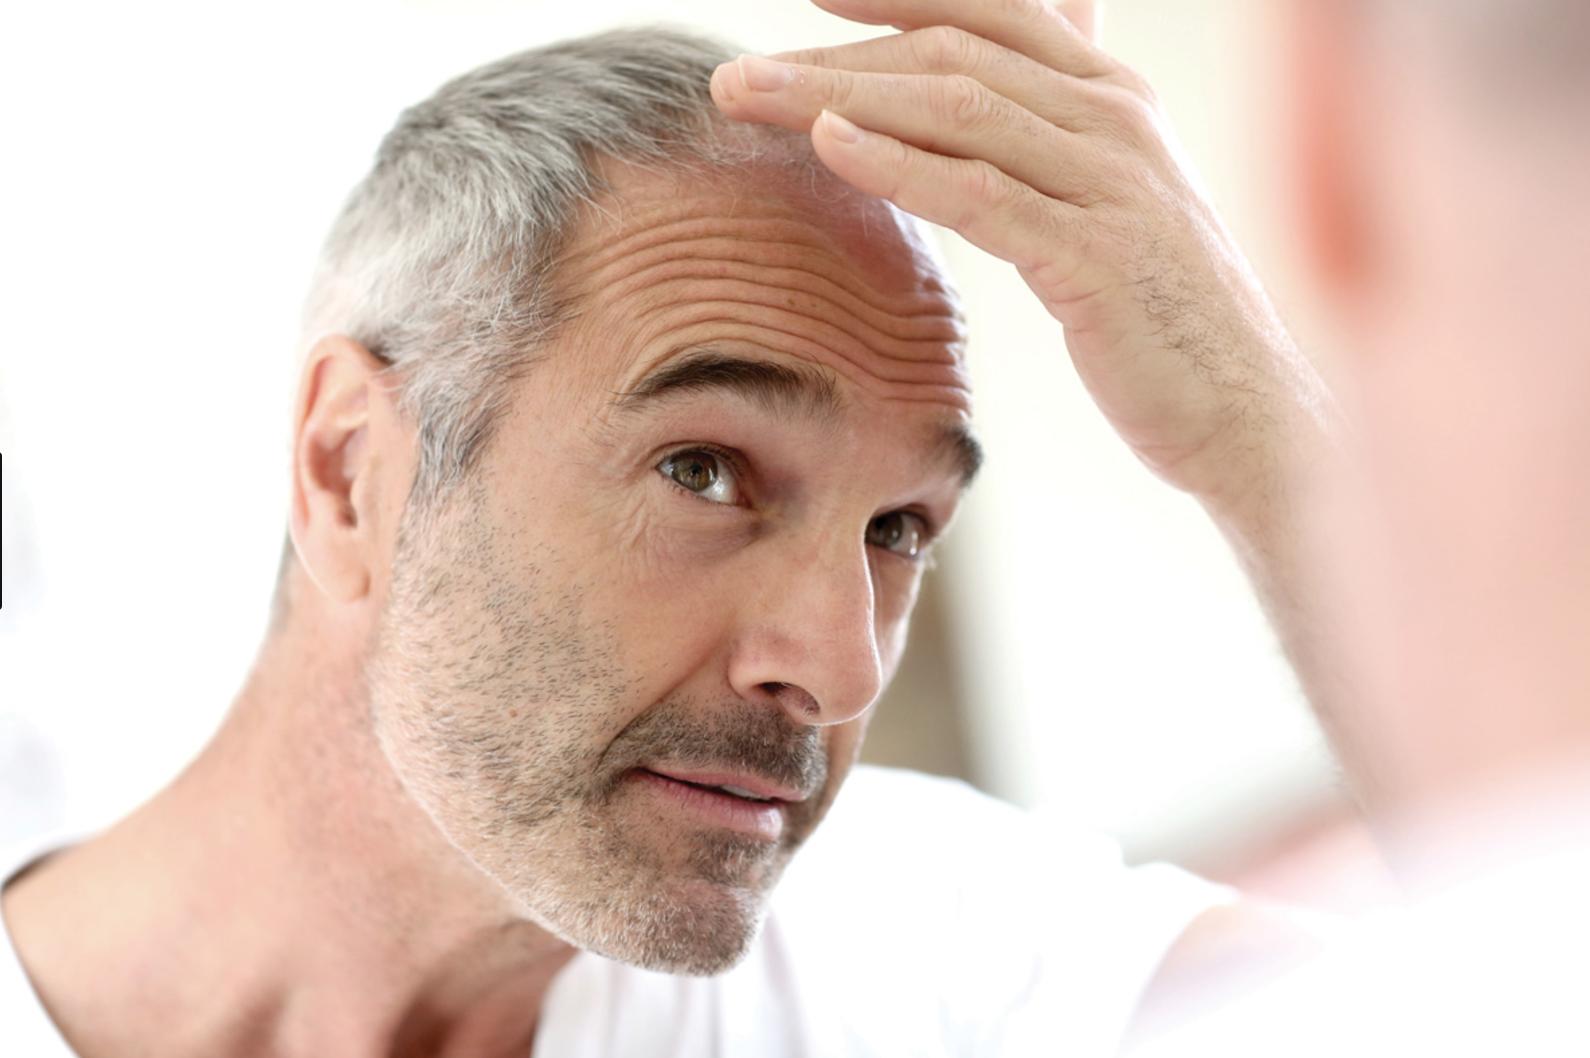 Calvicie o alopecia. Se me cae el pelo: ¿Qué puedo hacer?